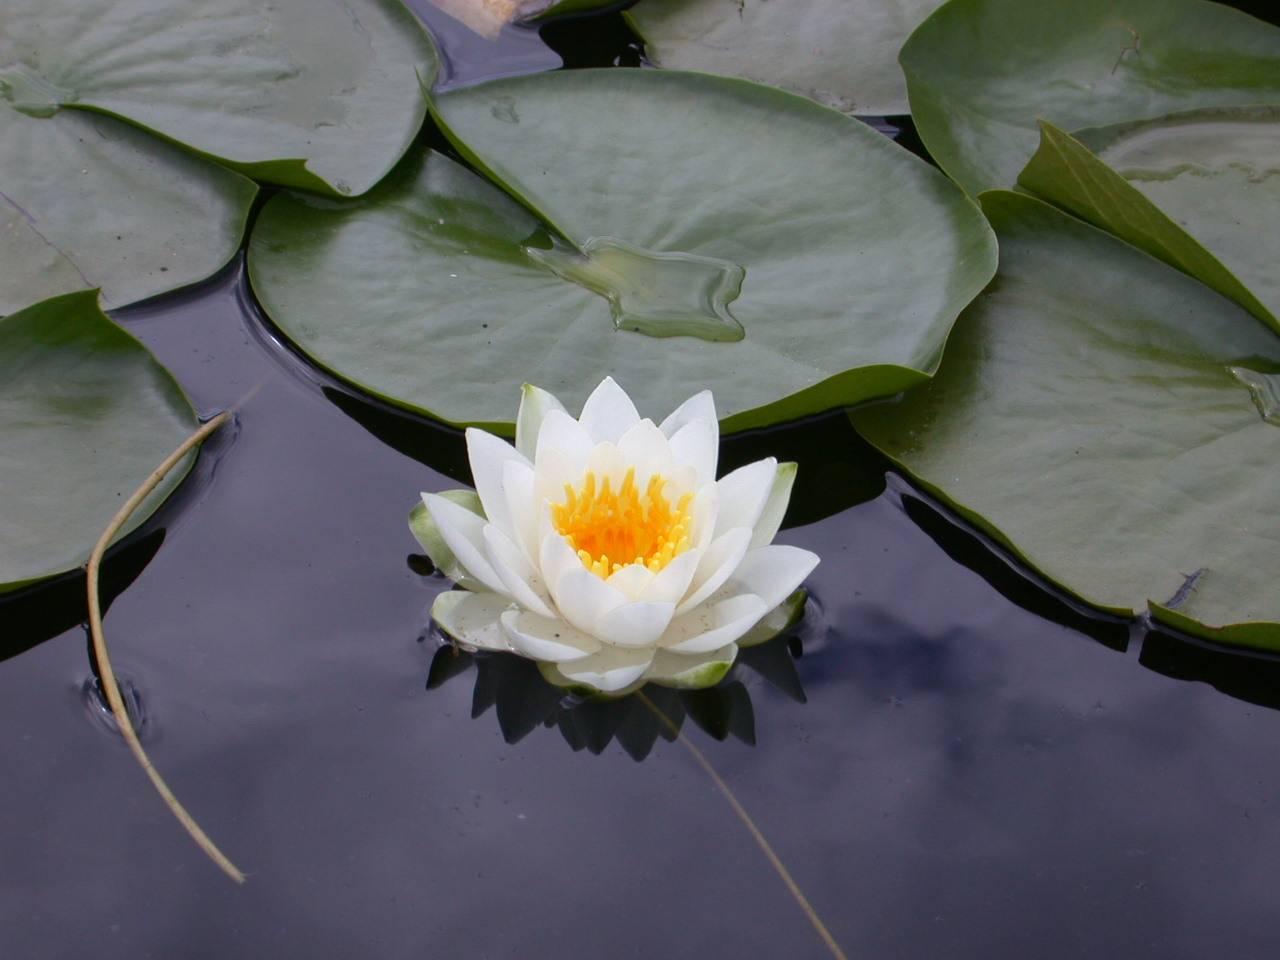 http://3.bp.blogspot.com/_RU4fdNmsPuo/S8_j7rkjwvI/AAAAAAAABeY/TYWtGpHnrjI/s1600/white%2520lotus%2520flower.jpg